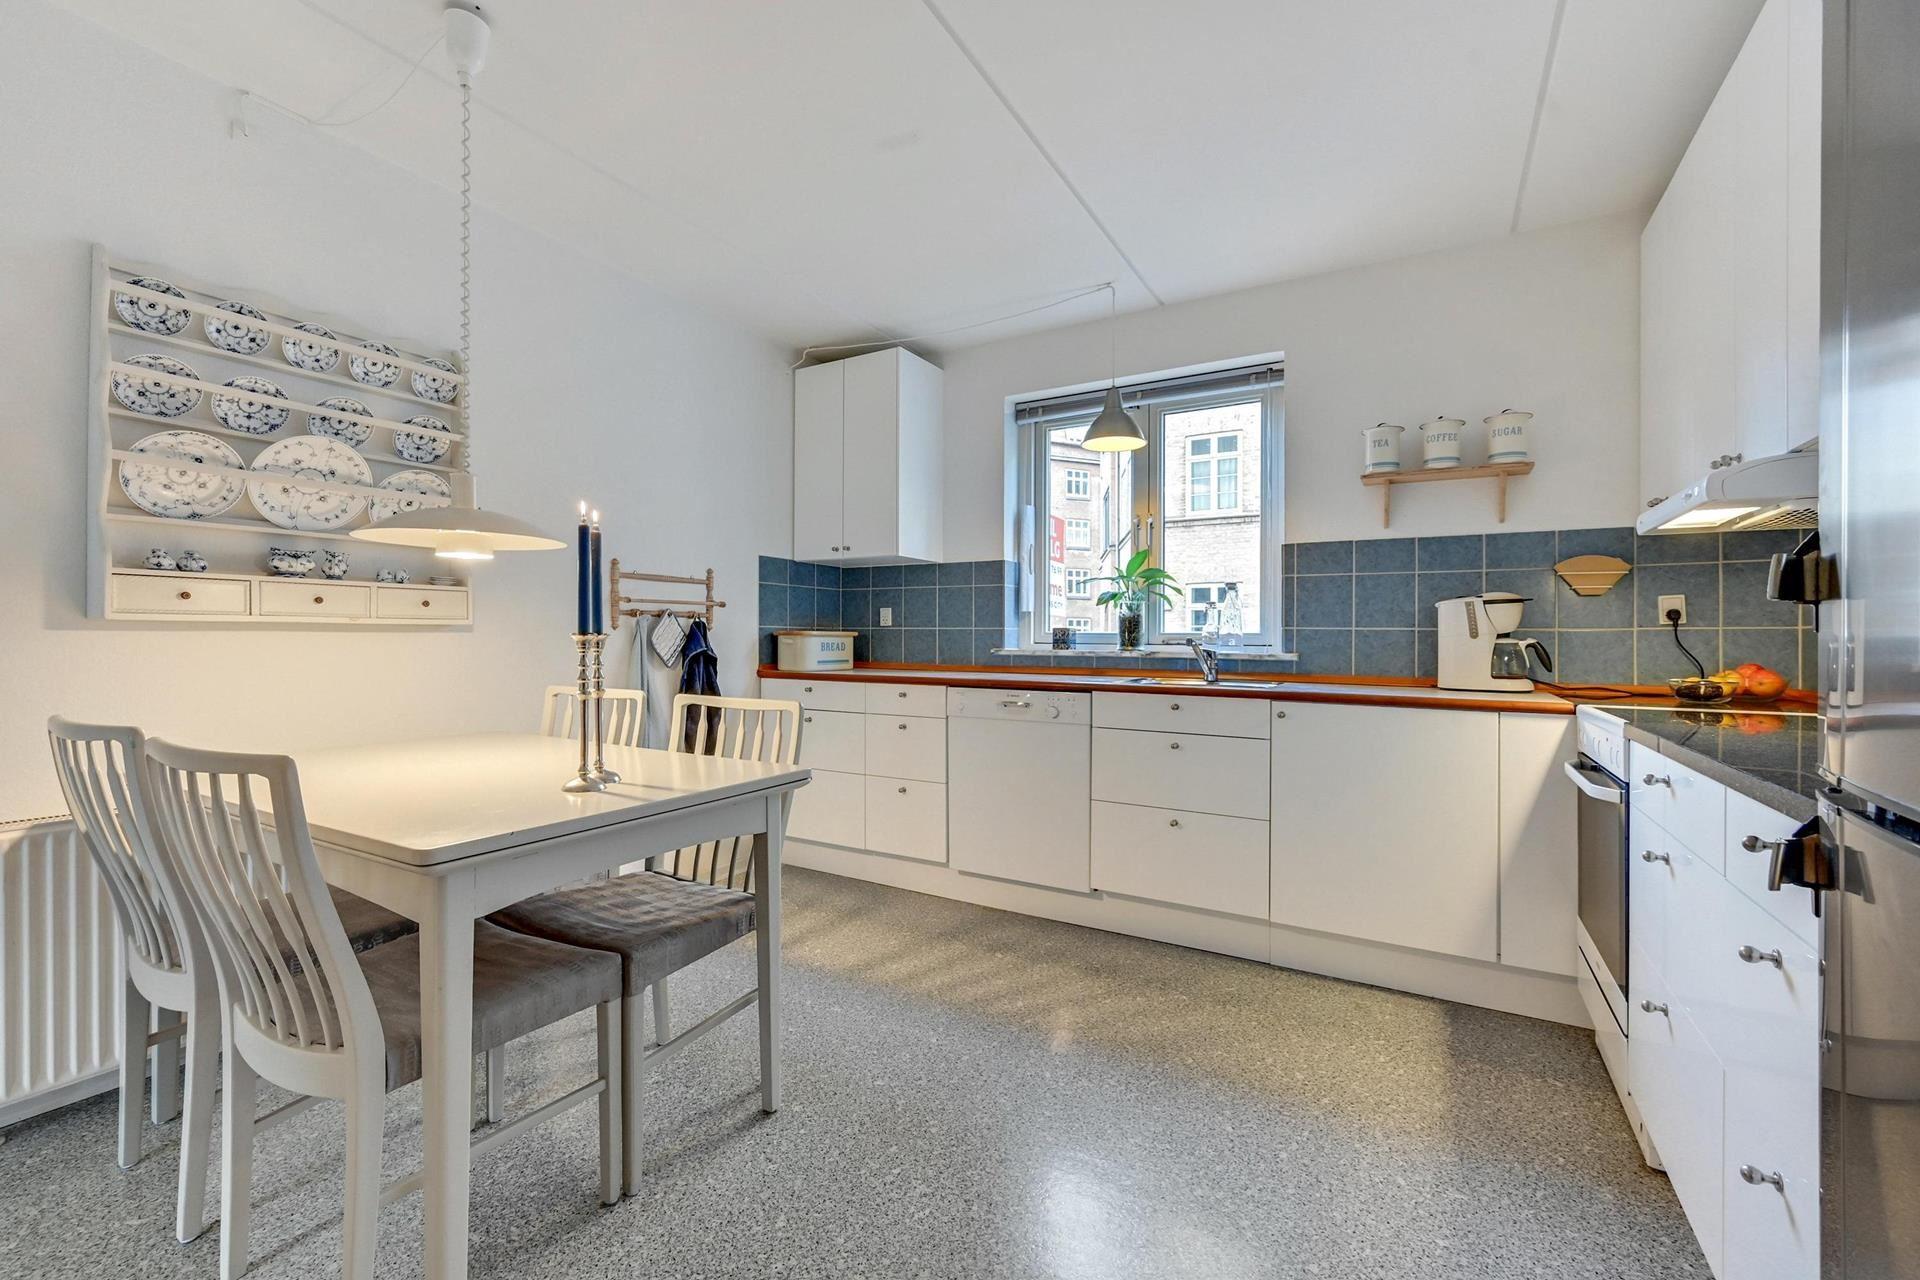 Vestergade 79 st th, 8000 Aarhus C